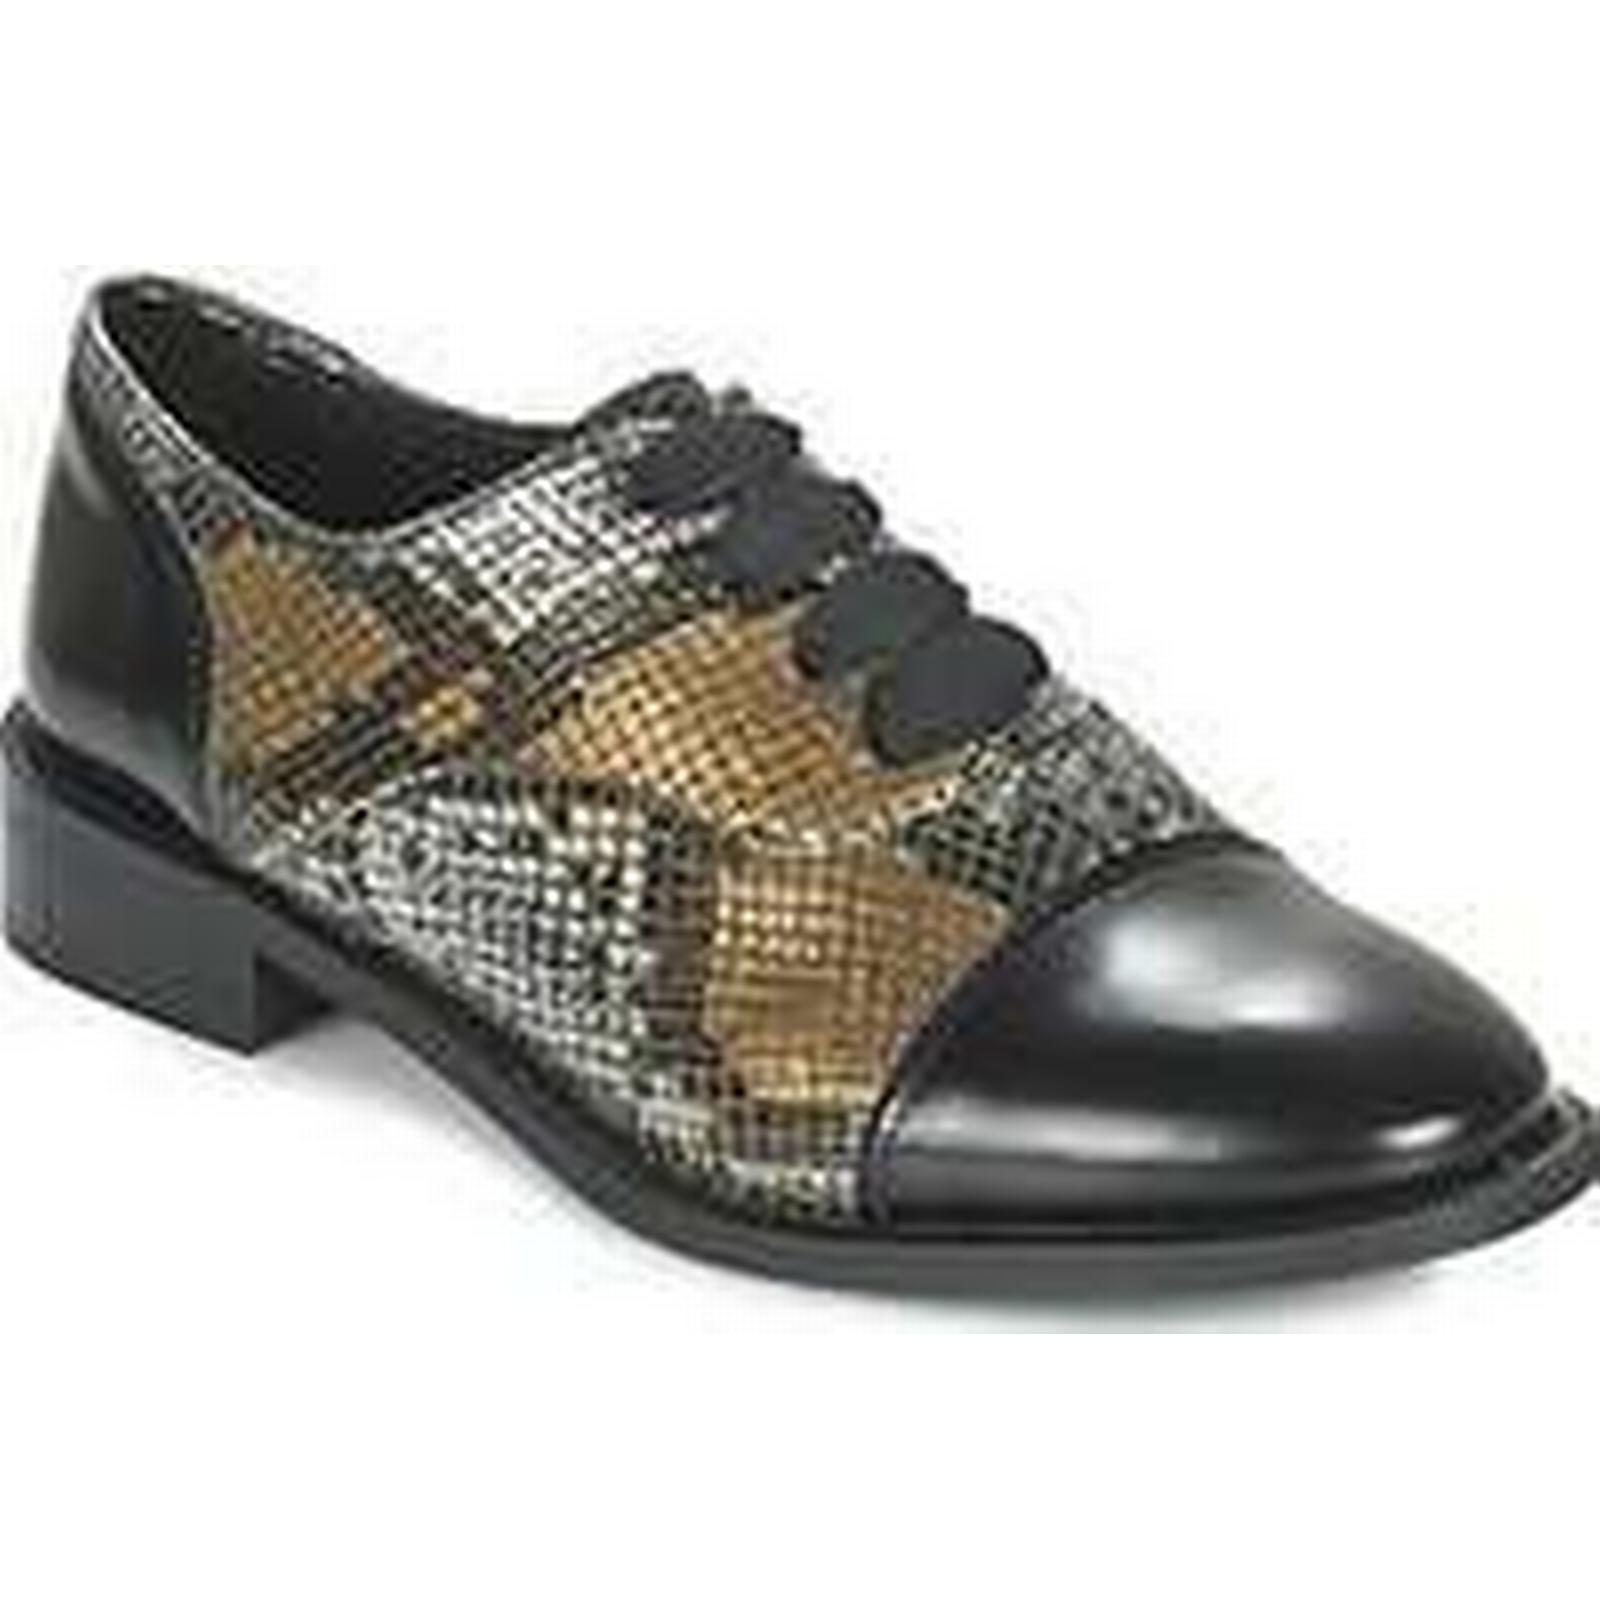 Spartoo.co.uk Lollipops YTON DERBY in women's Casual Shoes in DERBY Beige 0b6110